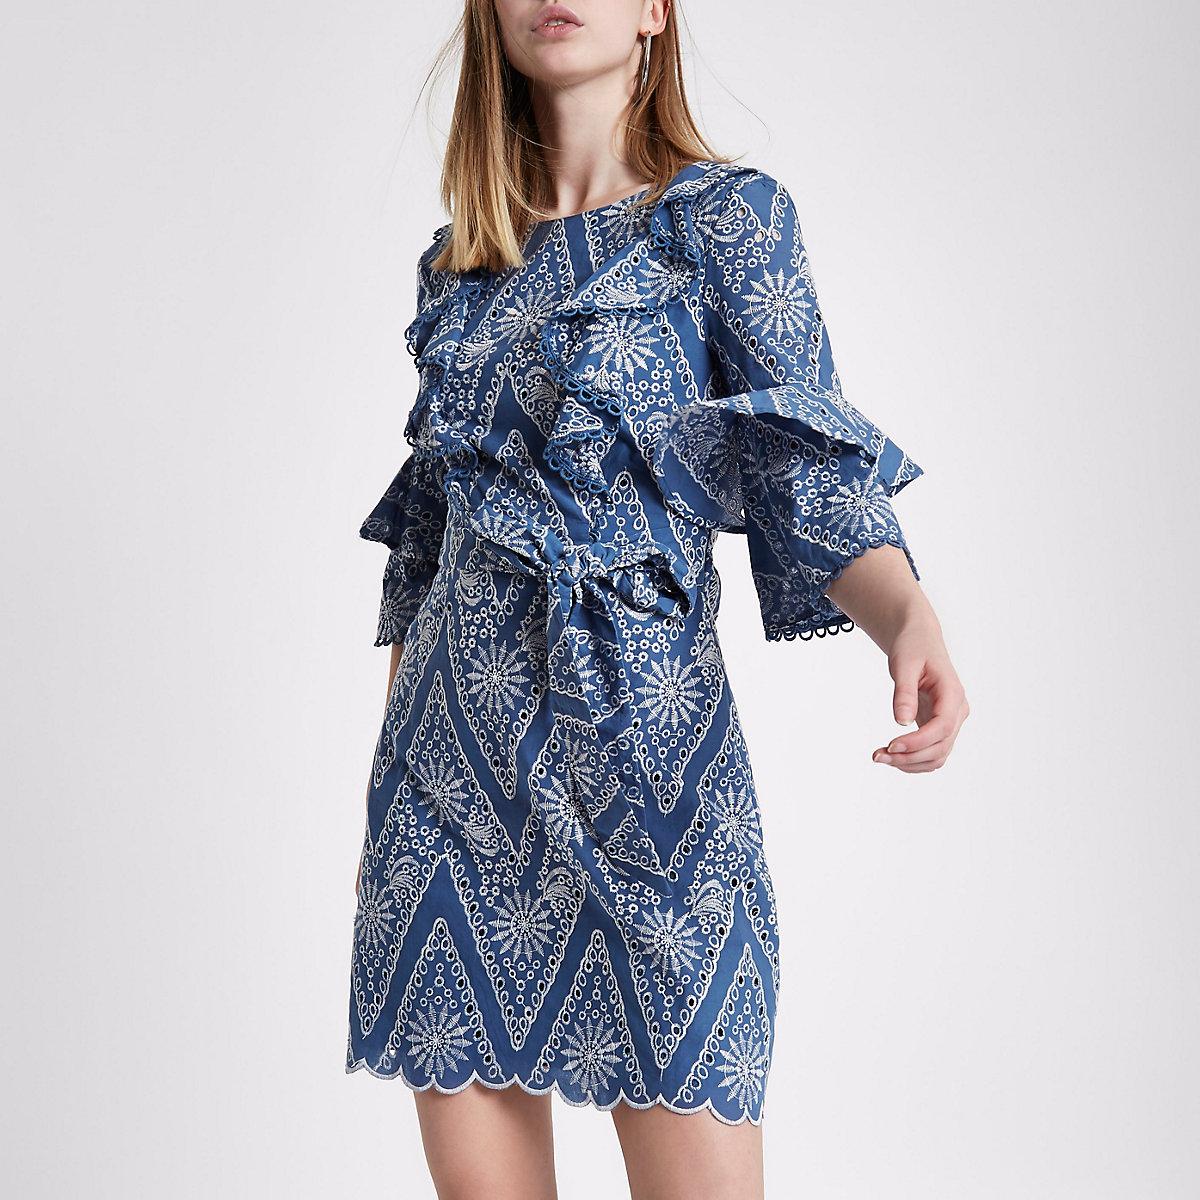 569f777550c4 Hellblaues Kleid mit Lochstickerei Hellblaues Kleid mit Lochstickerei ...